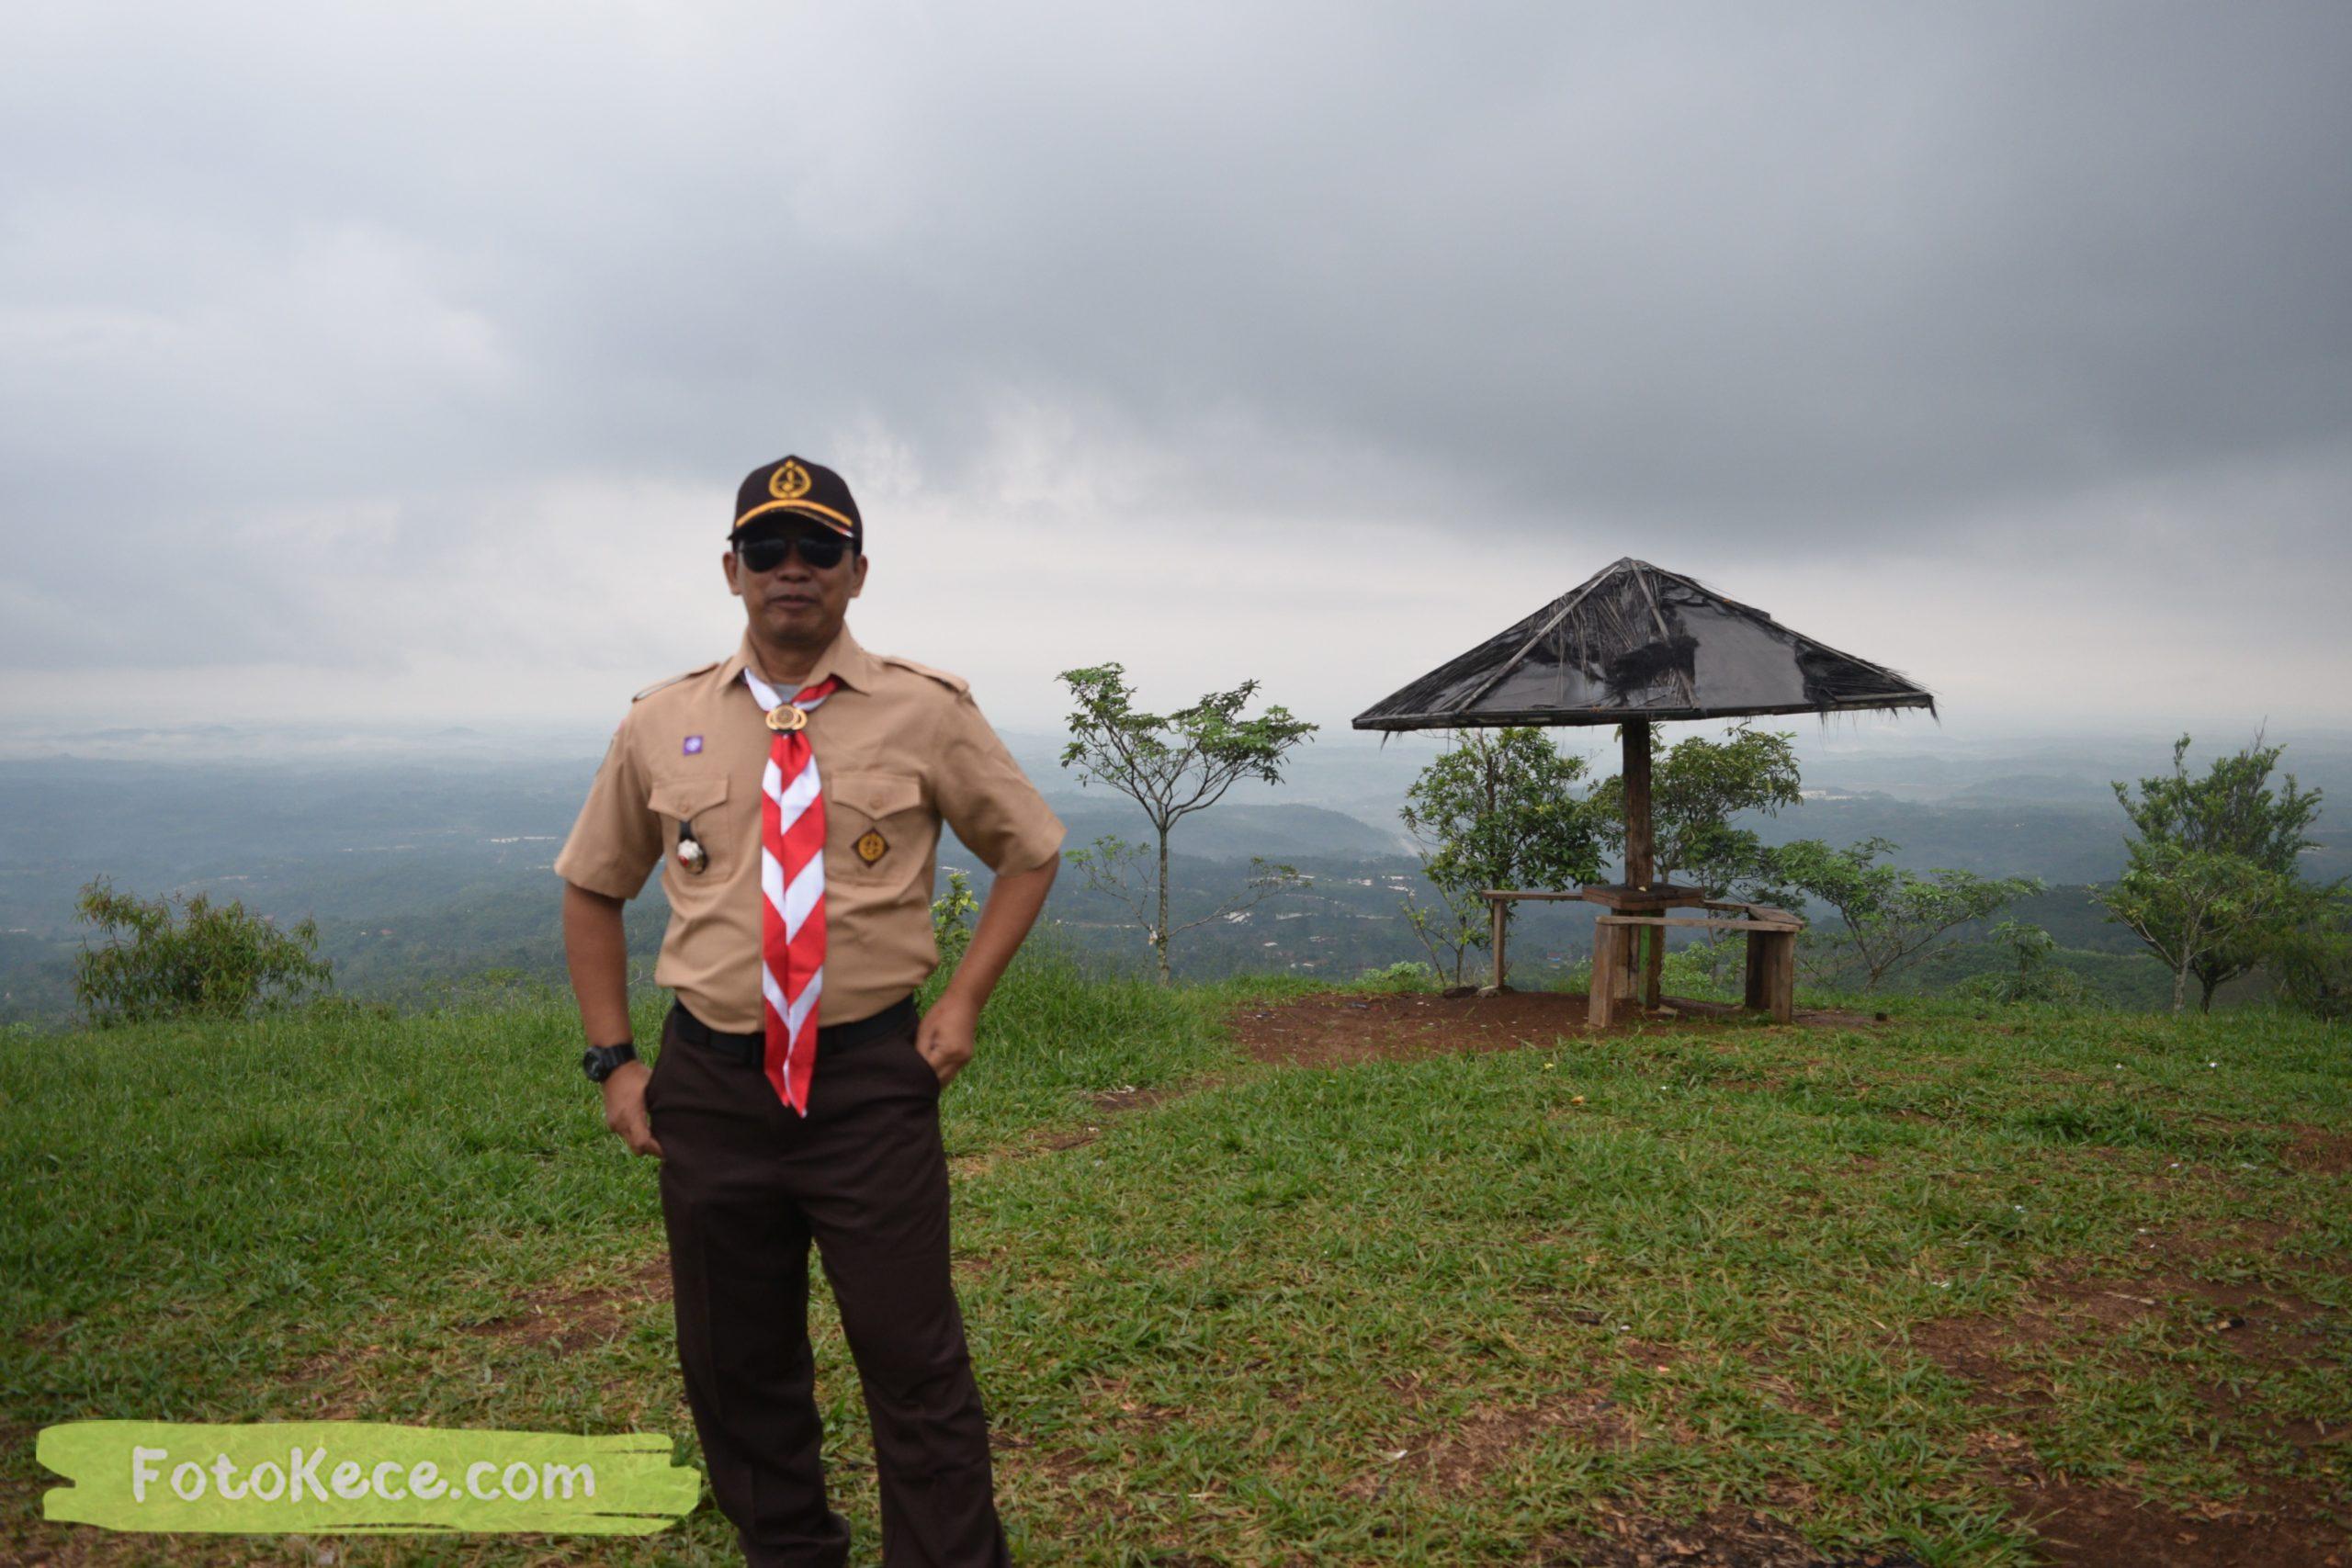 ruslan pembukaan perkemahan narakarya 1 mtsn 2 sukabumi 24 25 januari 2020 pramuka hebat wisata alam puncak buluh jampangkulon 85 scaled